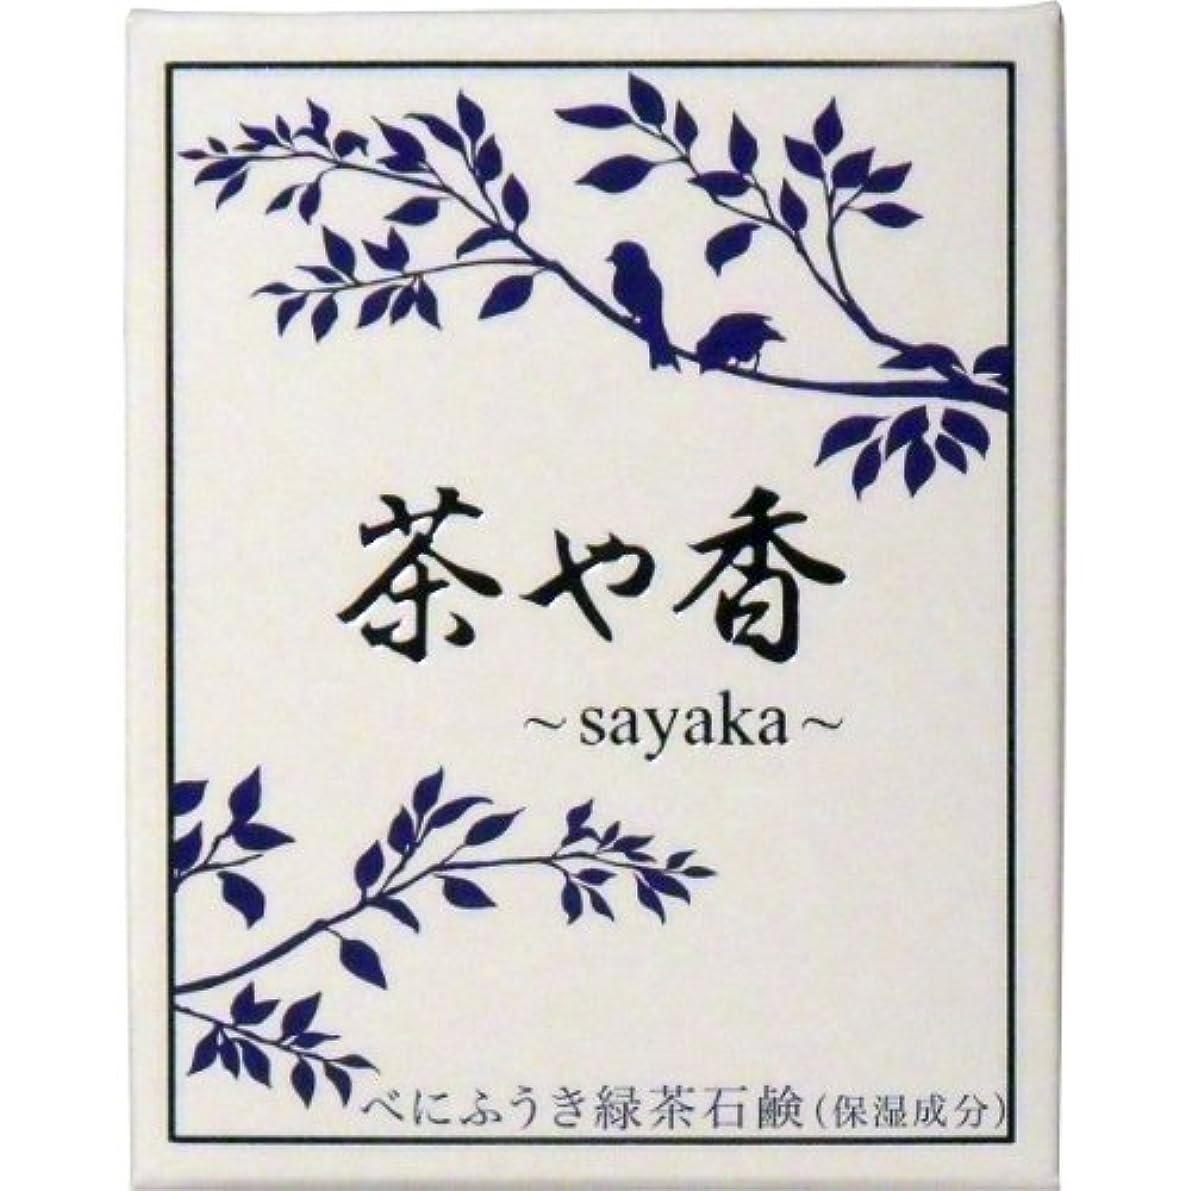 無数の肉戦士茶や香 -sayaka- べにふうき緑茶石鹸 100g入 ×10個セット